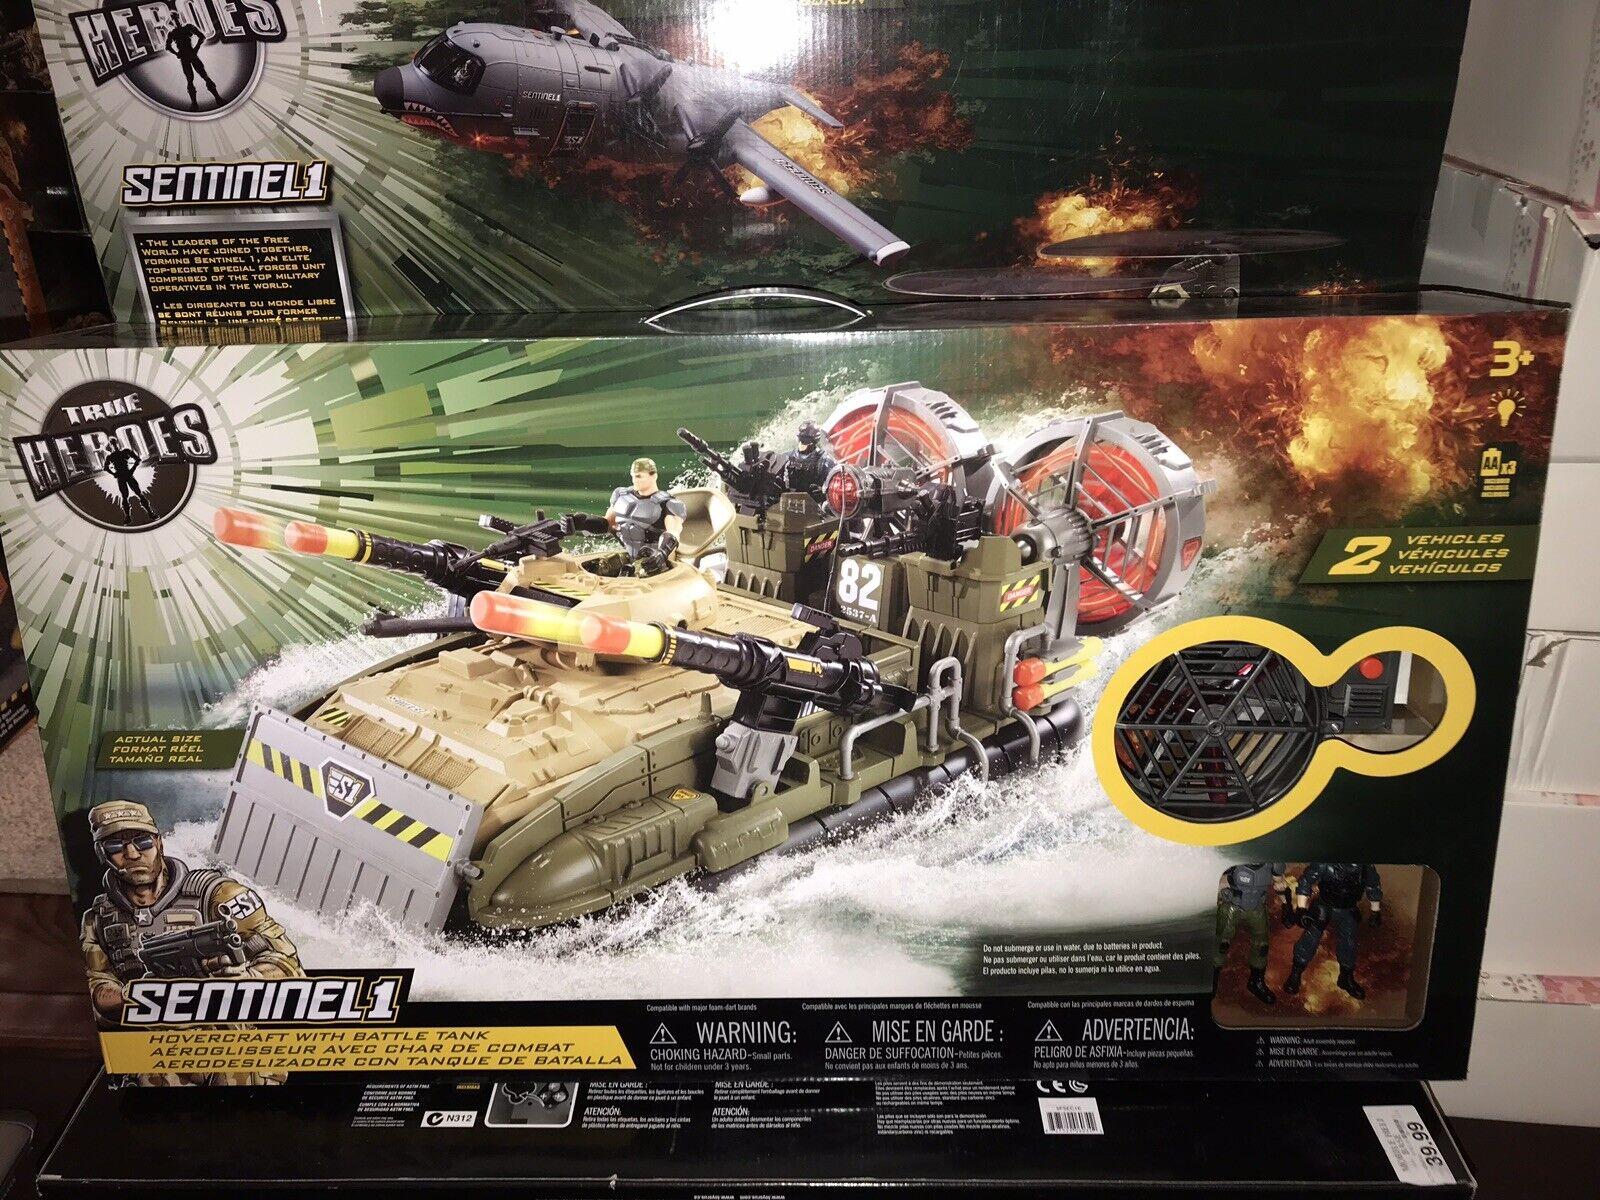 True Heroes-Hover Craft con tanque de batalla-JuguetesRUs Exclusivo Nuevo enorme